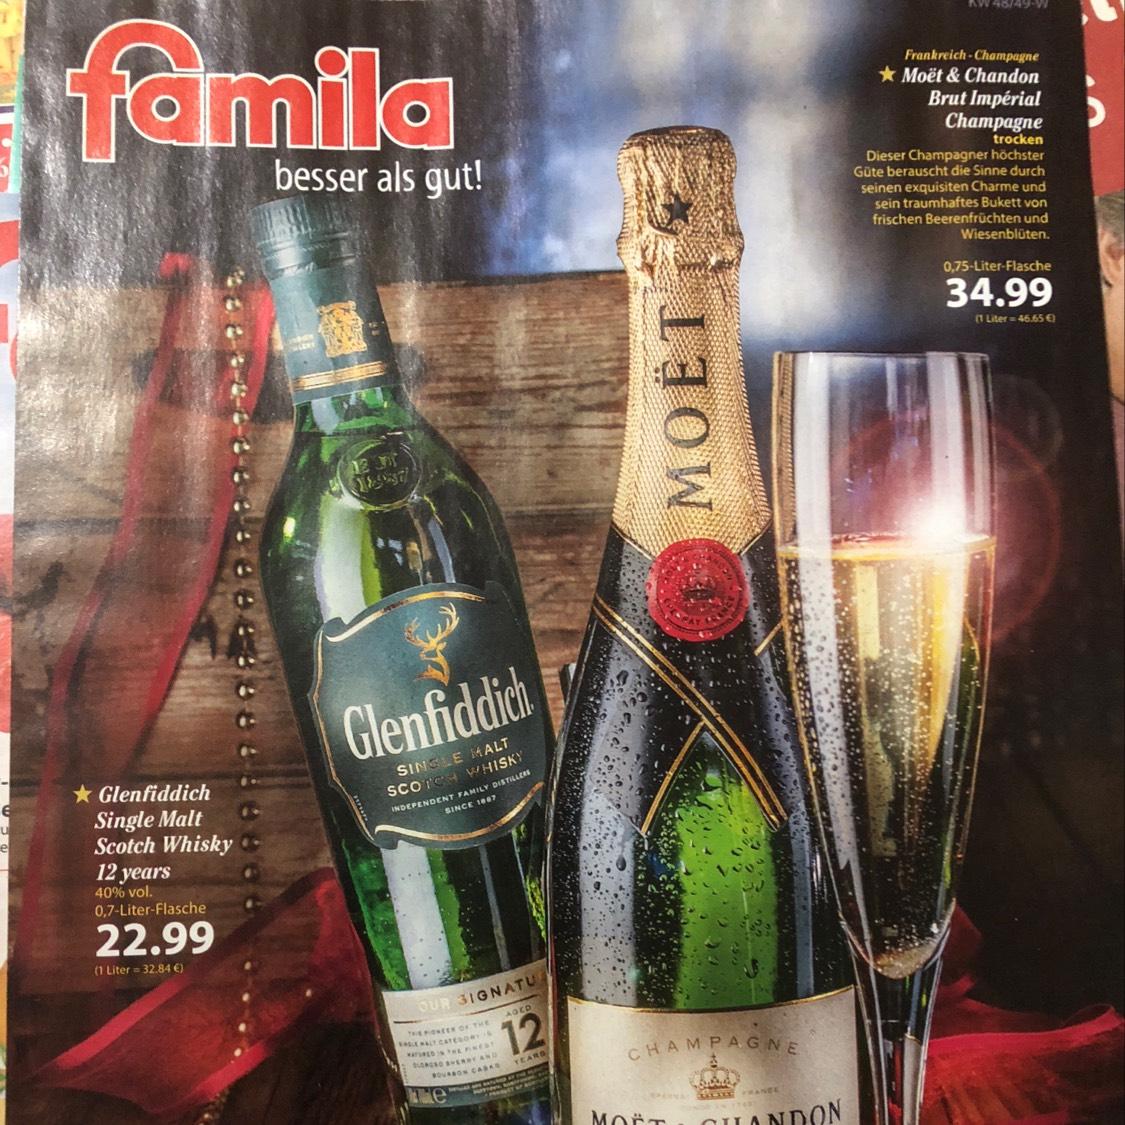 Glenfiddich Single Malt Scotch Whisky 12 Jahre bei Famila Lauenburg vielleicht auch bundesweit?